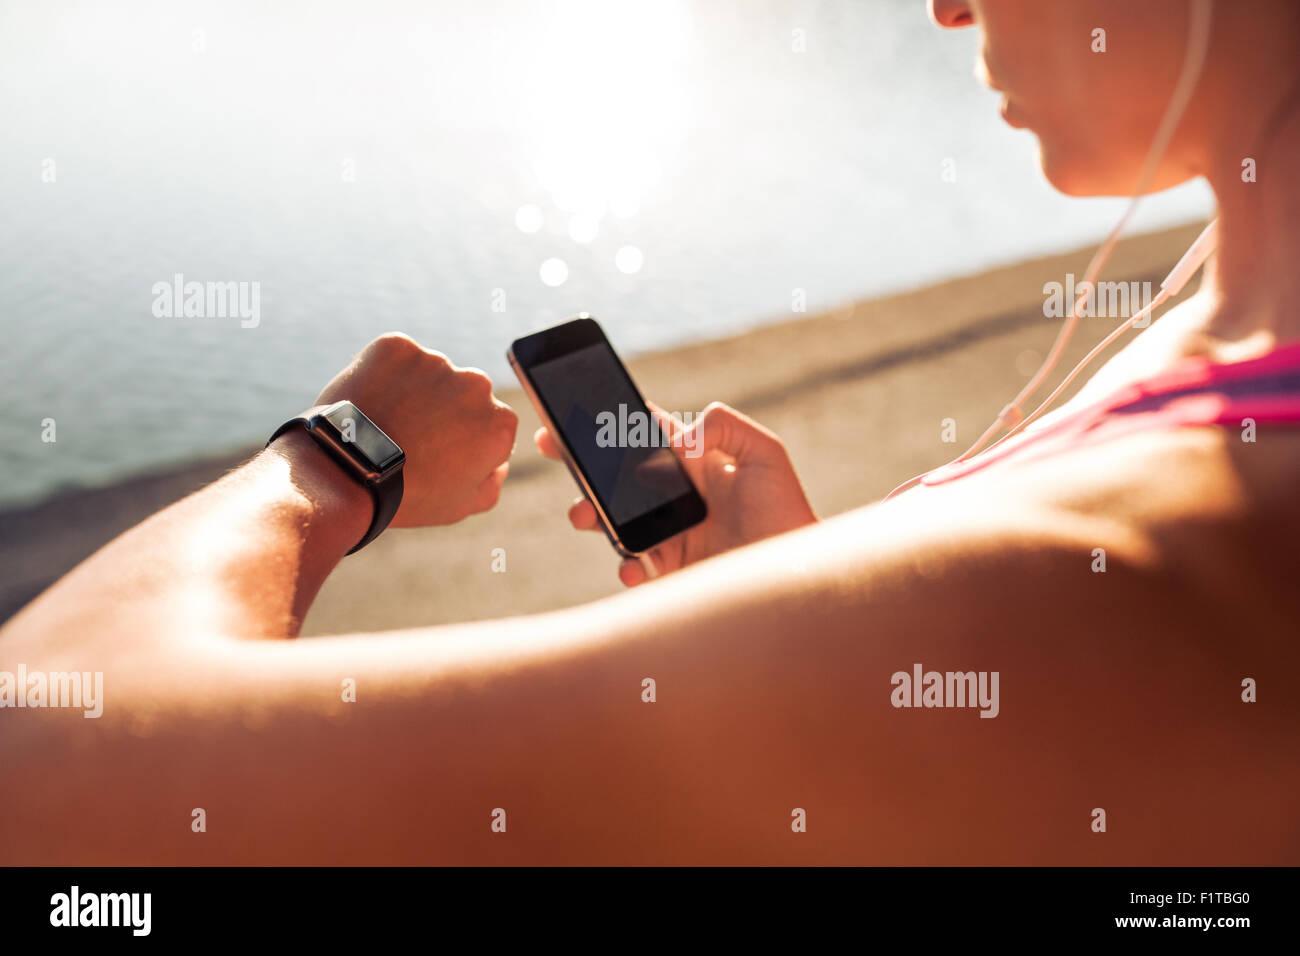 De la sportive à la holding et à smartwatch smart phone dans son autre main, à l'extérieur. Photo Stock